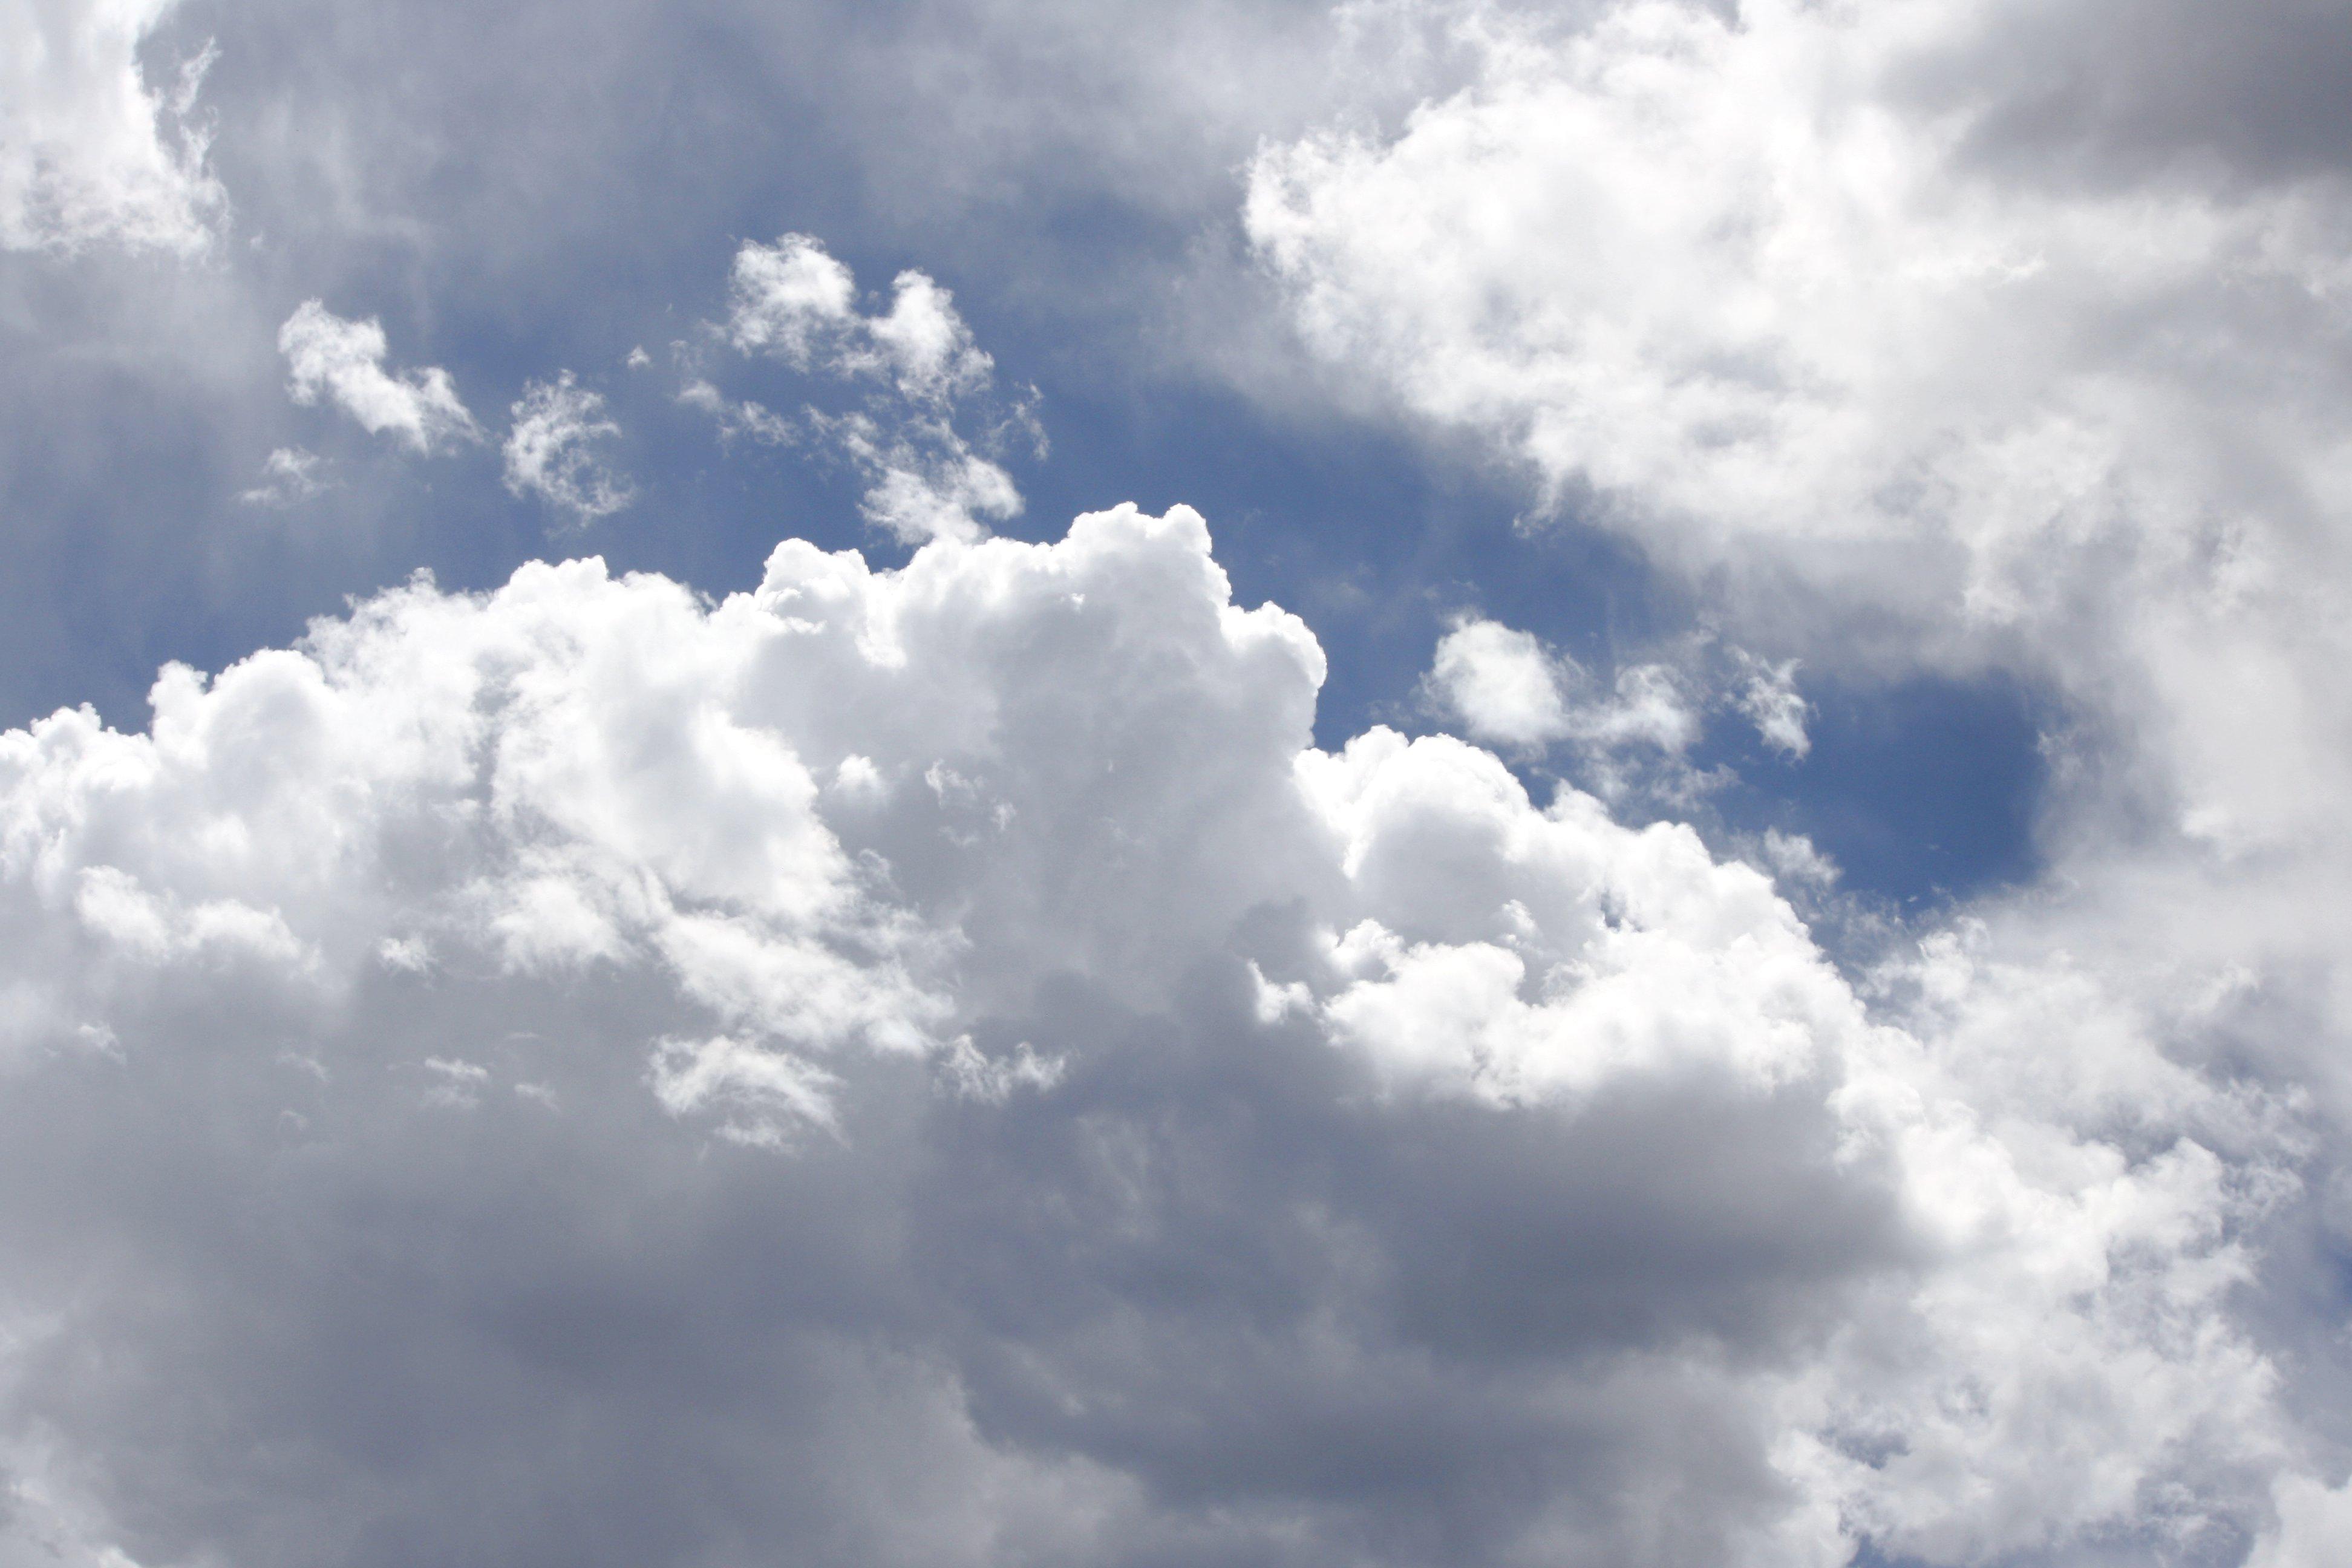 Clouds picture free photograph photos public domain